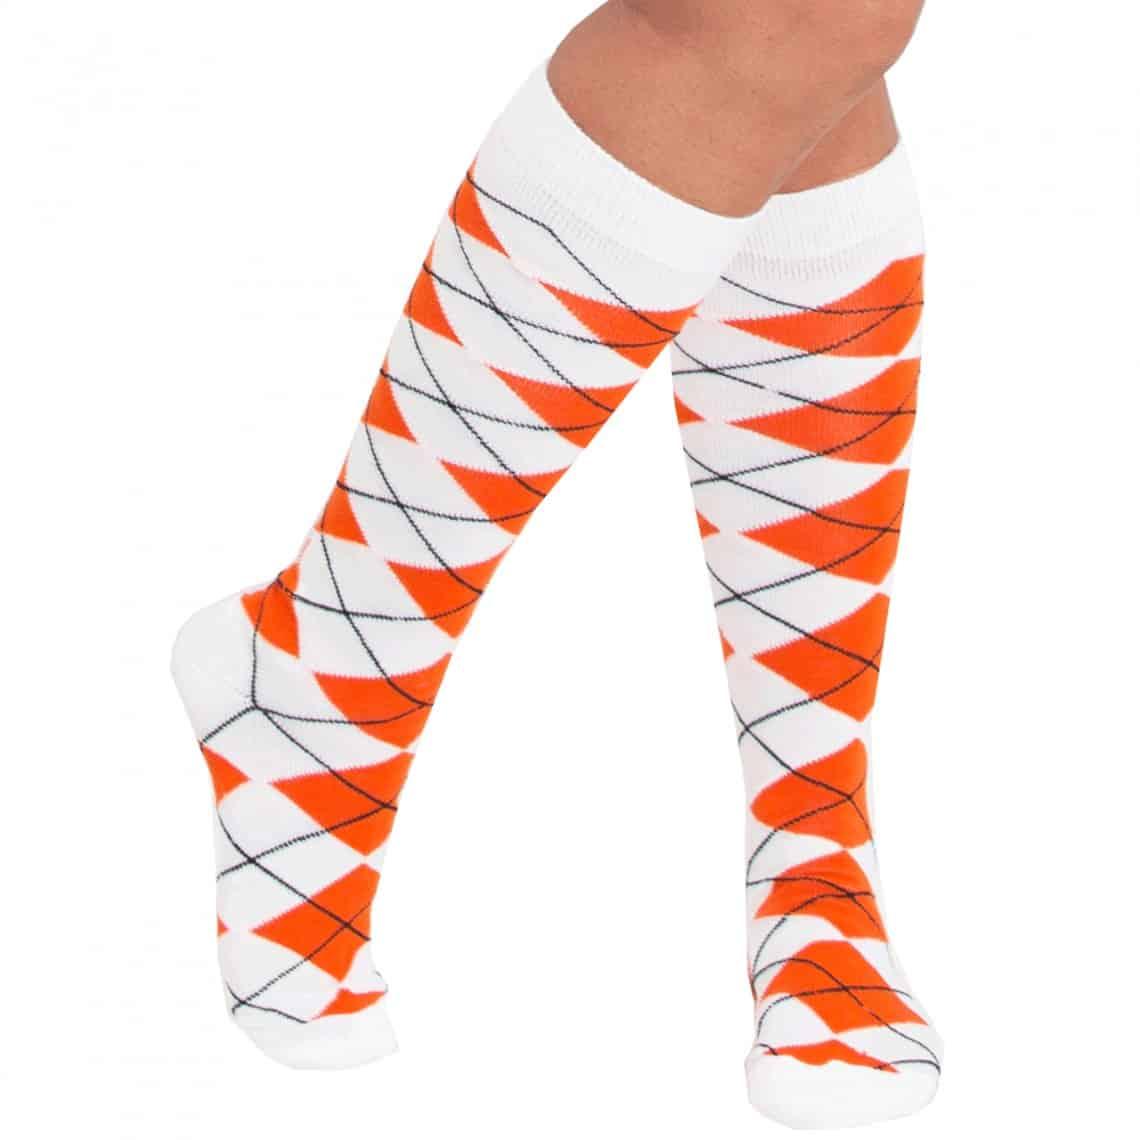 orange and white argyle socks